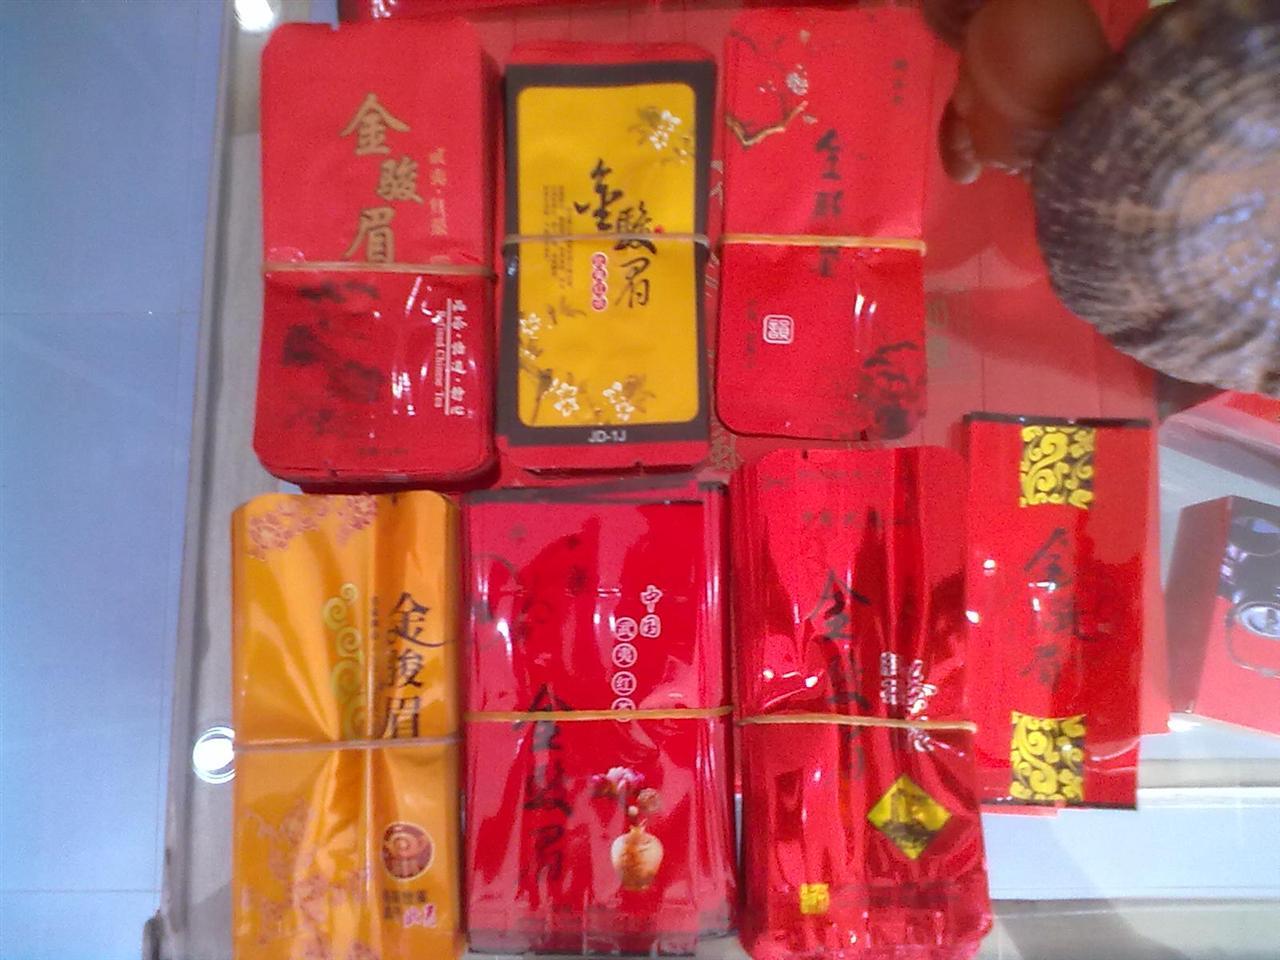 金骏眉/正山小种,金骏眉,茶叶茶具包装